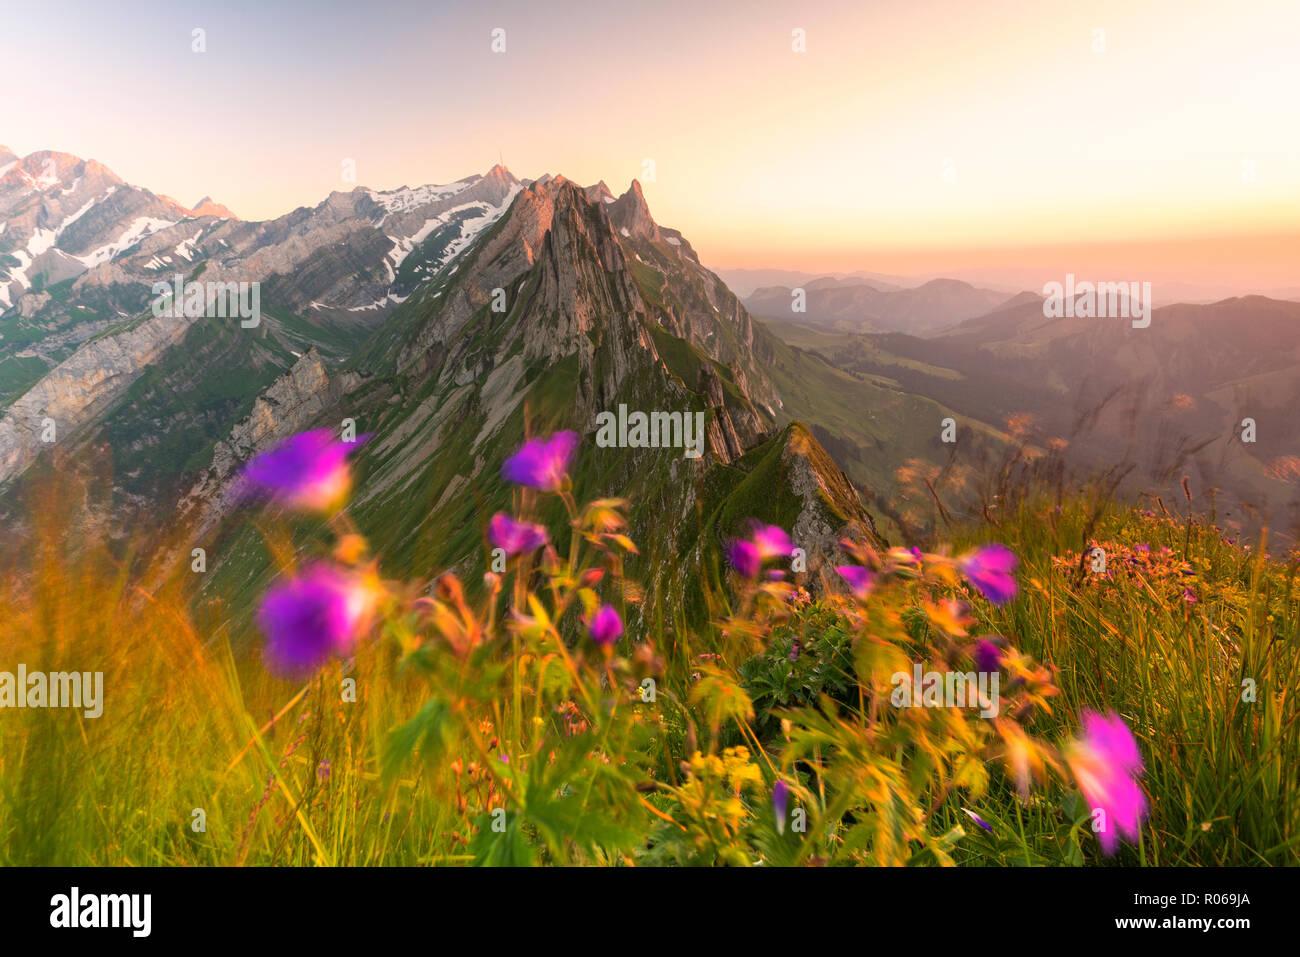 Wilde Blumen auf schafler mit dem felsigen Gipfel Santis im Hintergrund, Appenzell Innerrhoden, Schweiz, Europa Stockbild